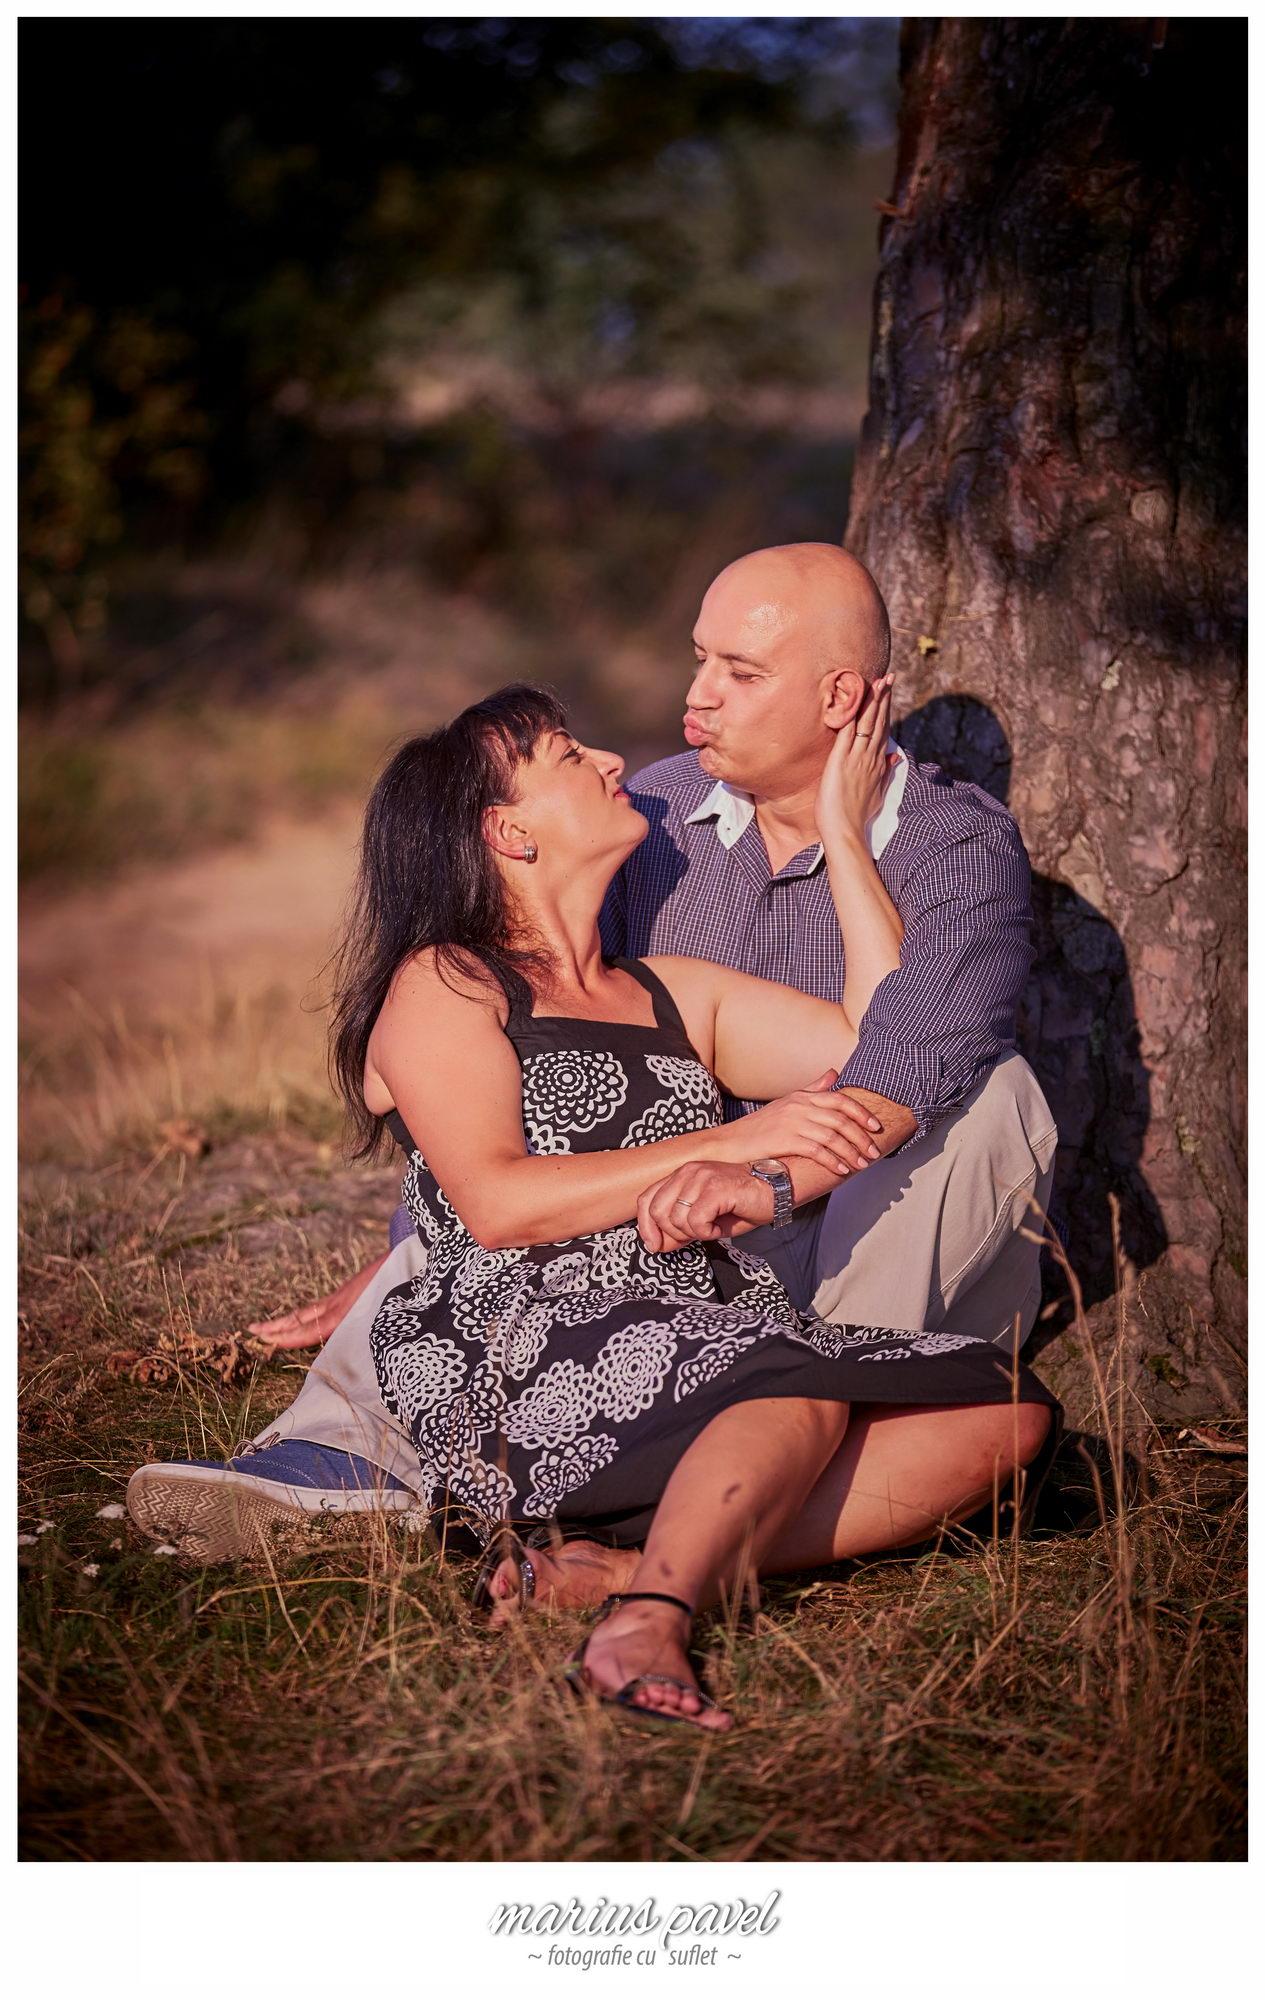 Sedinta foto dinaintea nuntii Brasov cu mirii